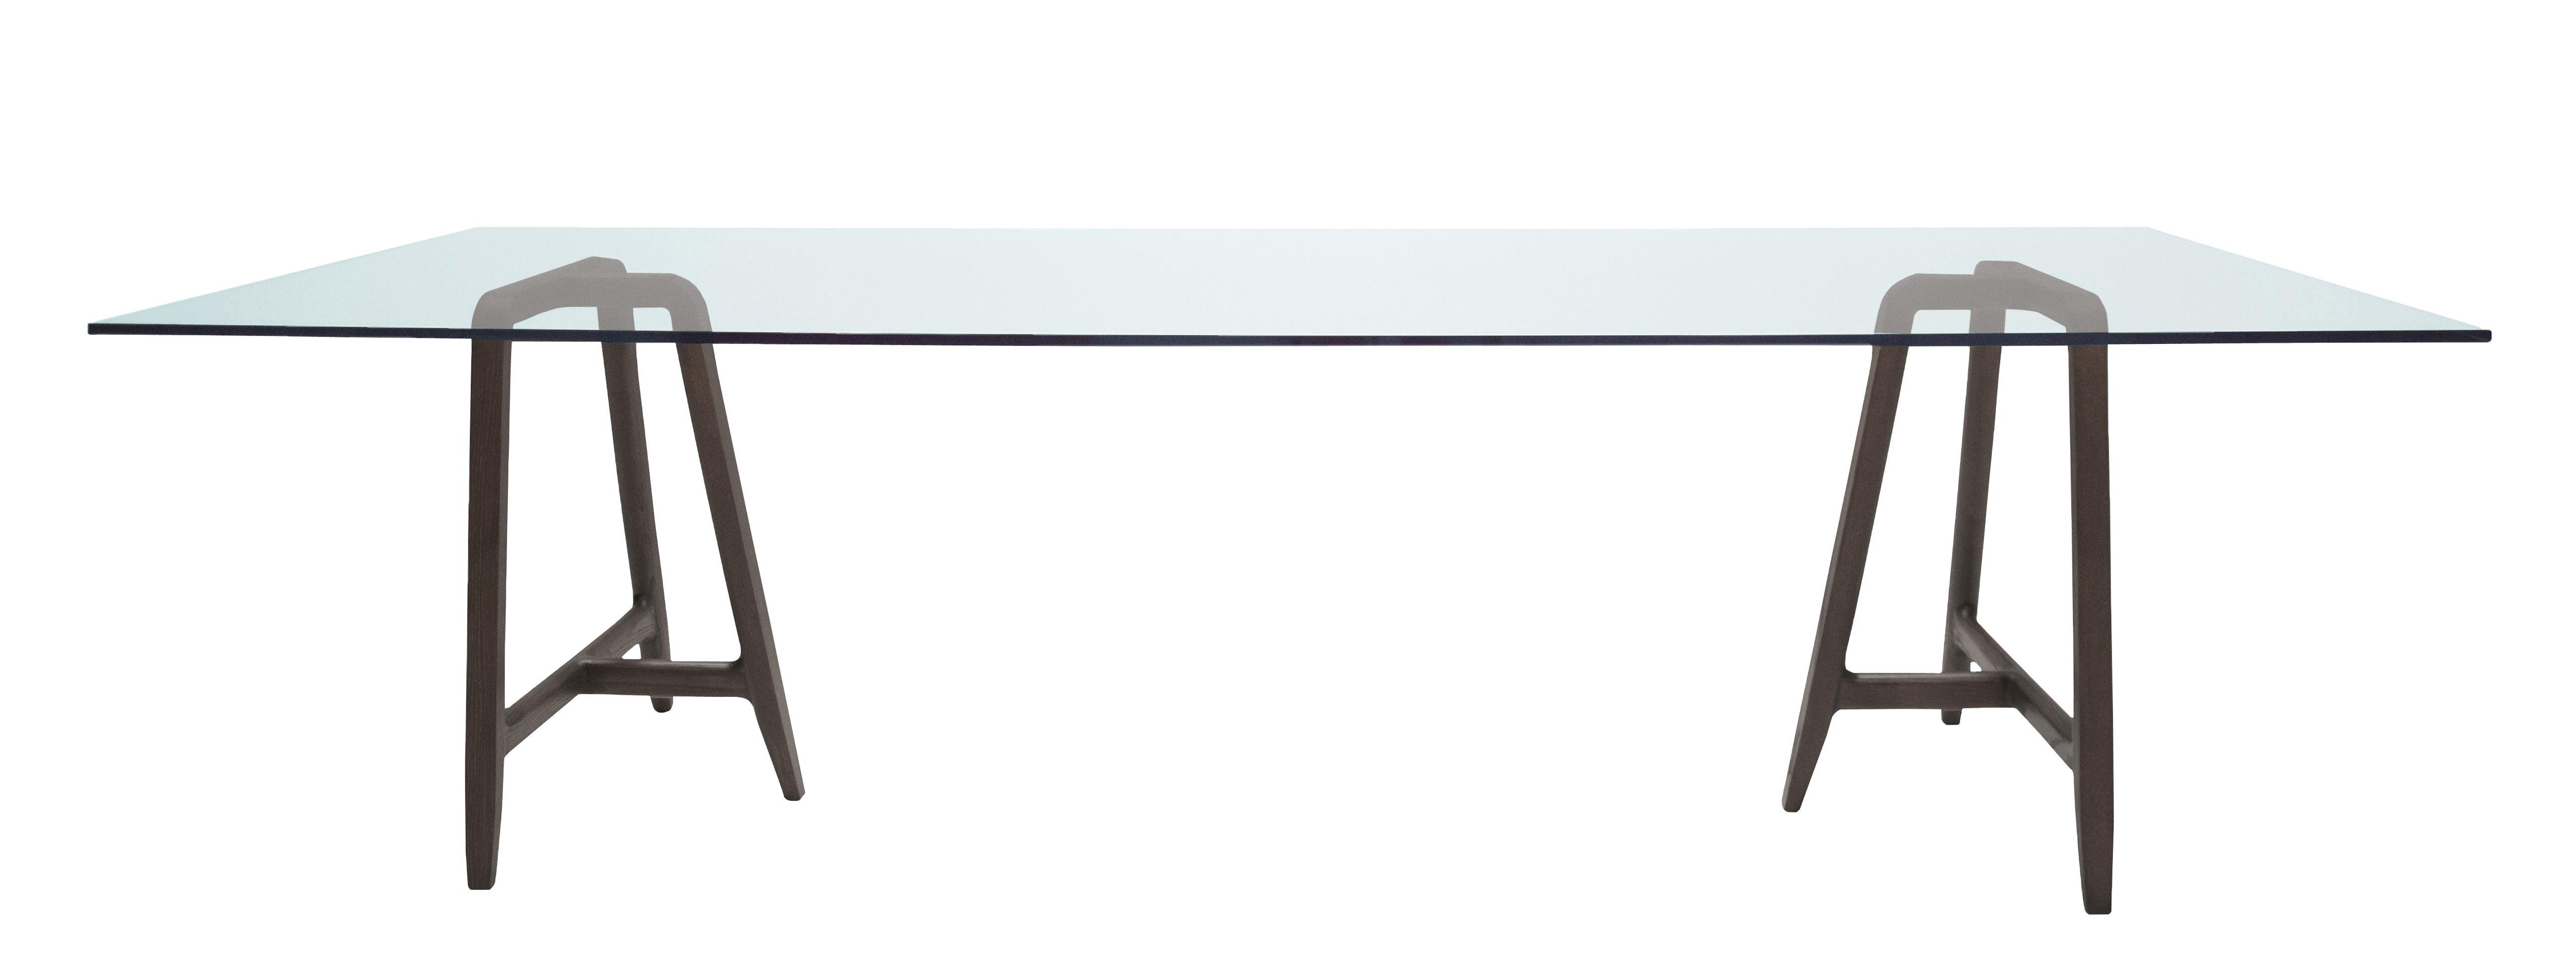 Möbel - Tische - Easel rechteckiger Tisch / 220 x 90 cm - Glas - Driade - Nussbaum / gehärtetes Glas - Einscheiben-Sicherheitsglas, Nussbaum massiv